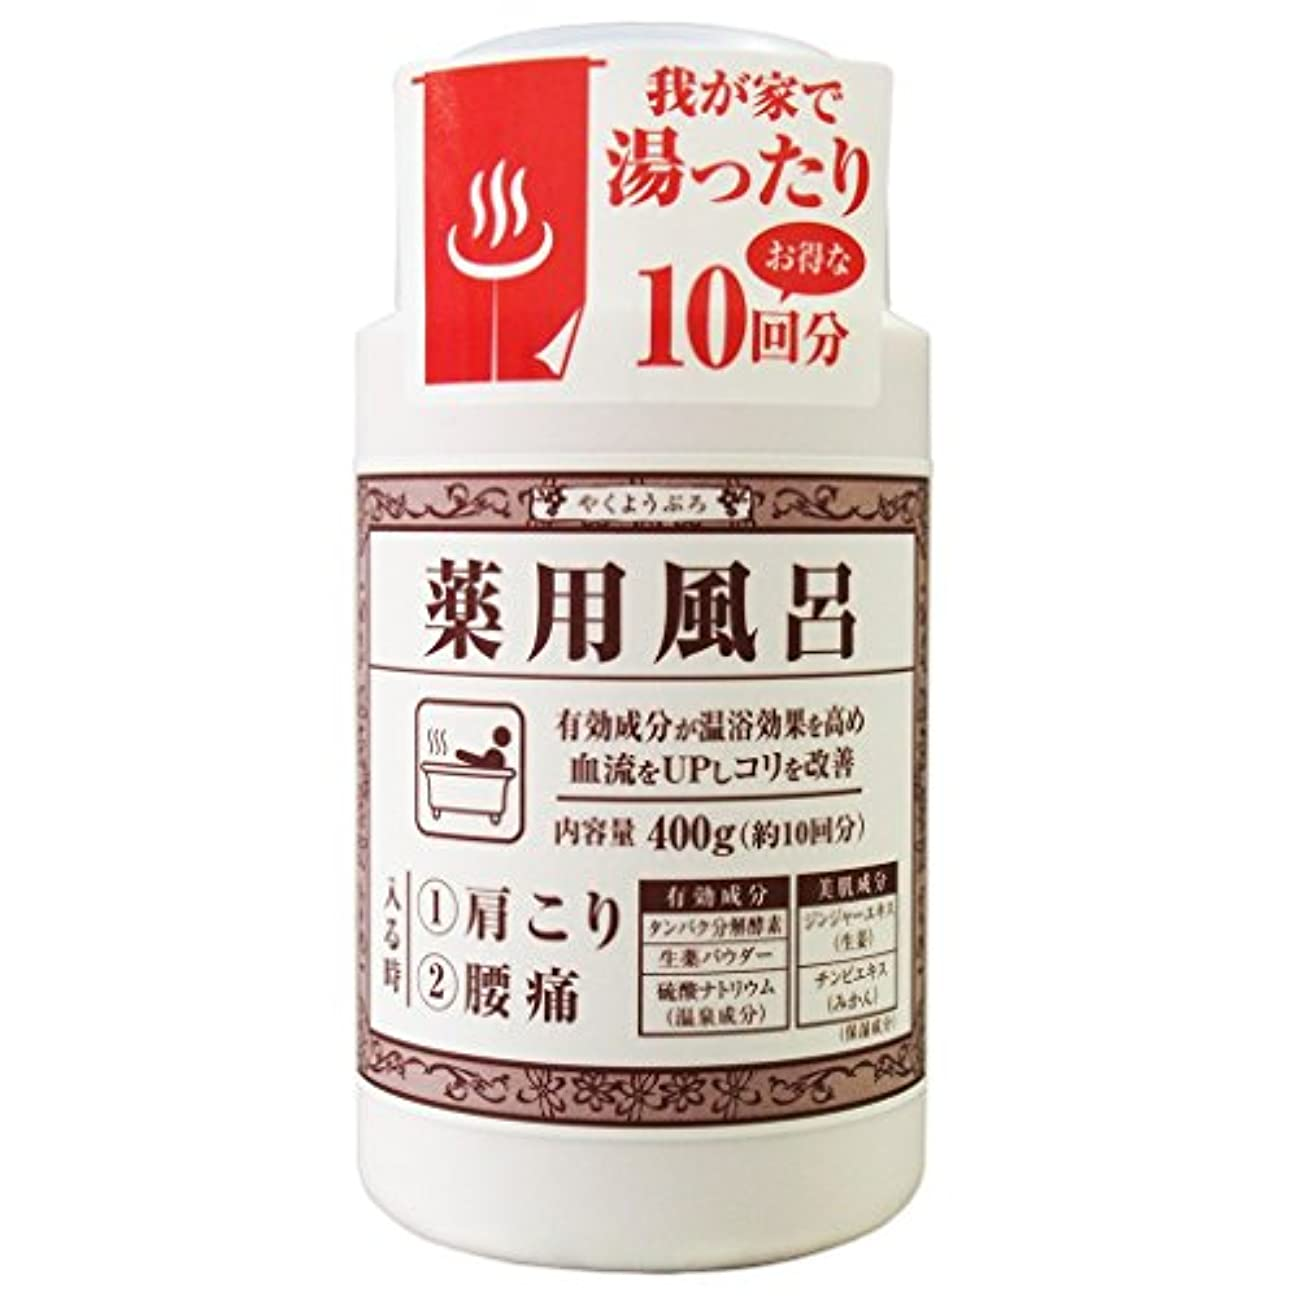 可能にする失望ところで薬用風呂KKa 肩こり?腰痛 ボトル 400g(医薬部外品)